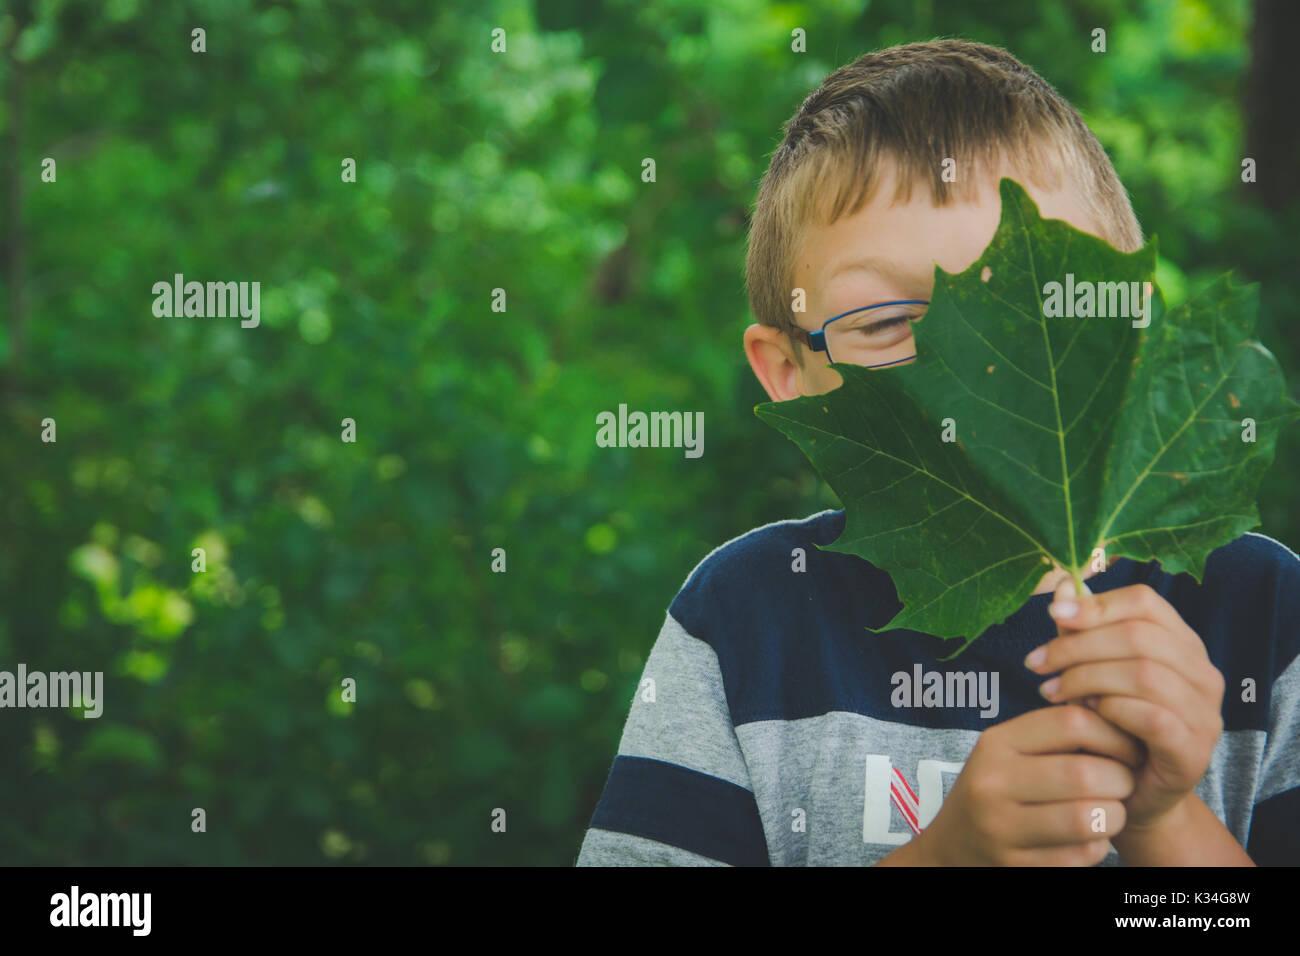 Ein kleiner Junge hält ein grünes Blatt vor seinem Gesicht. Stockbild